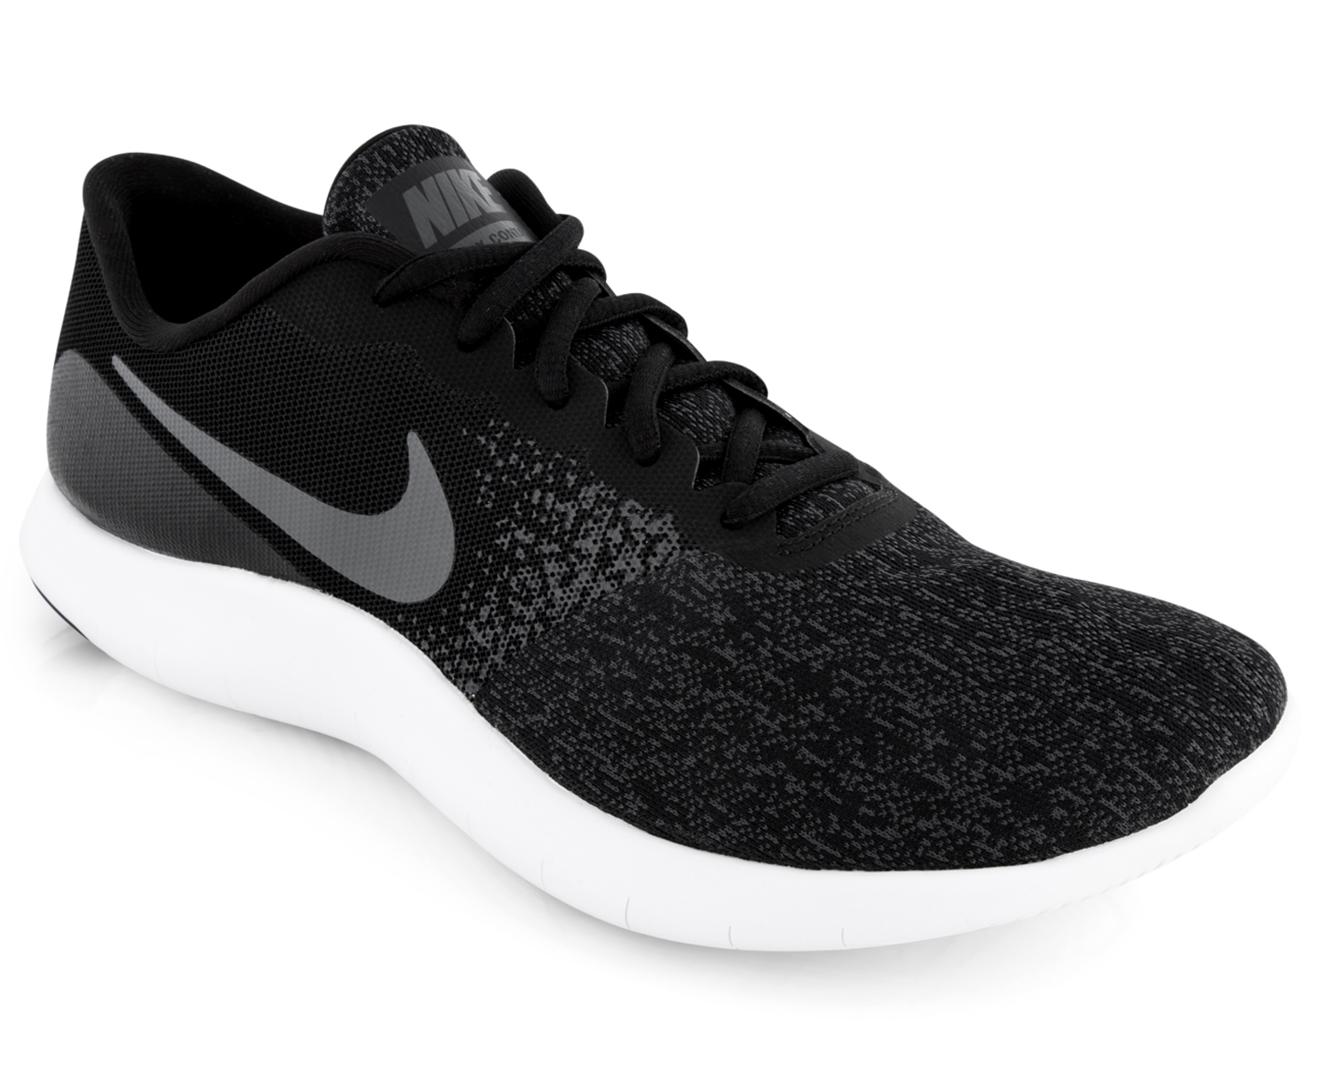 official photos e13da 359cb Nike Men s Flex Contact Shoe - Black White   Catch.com.au